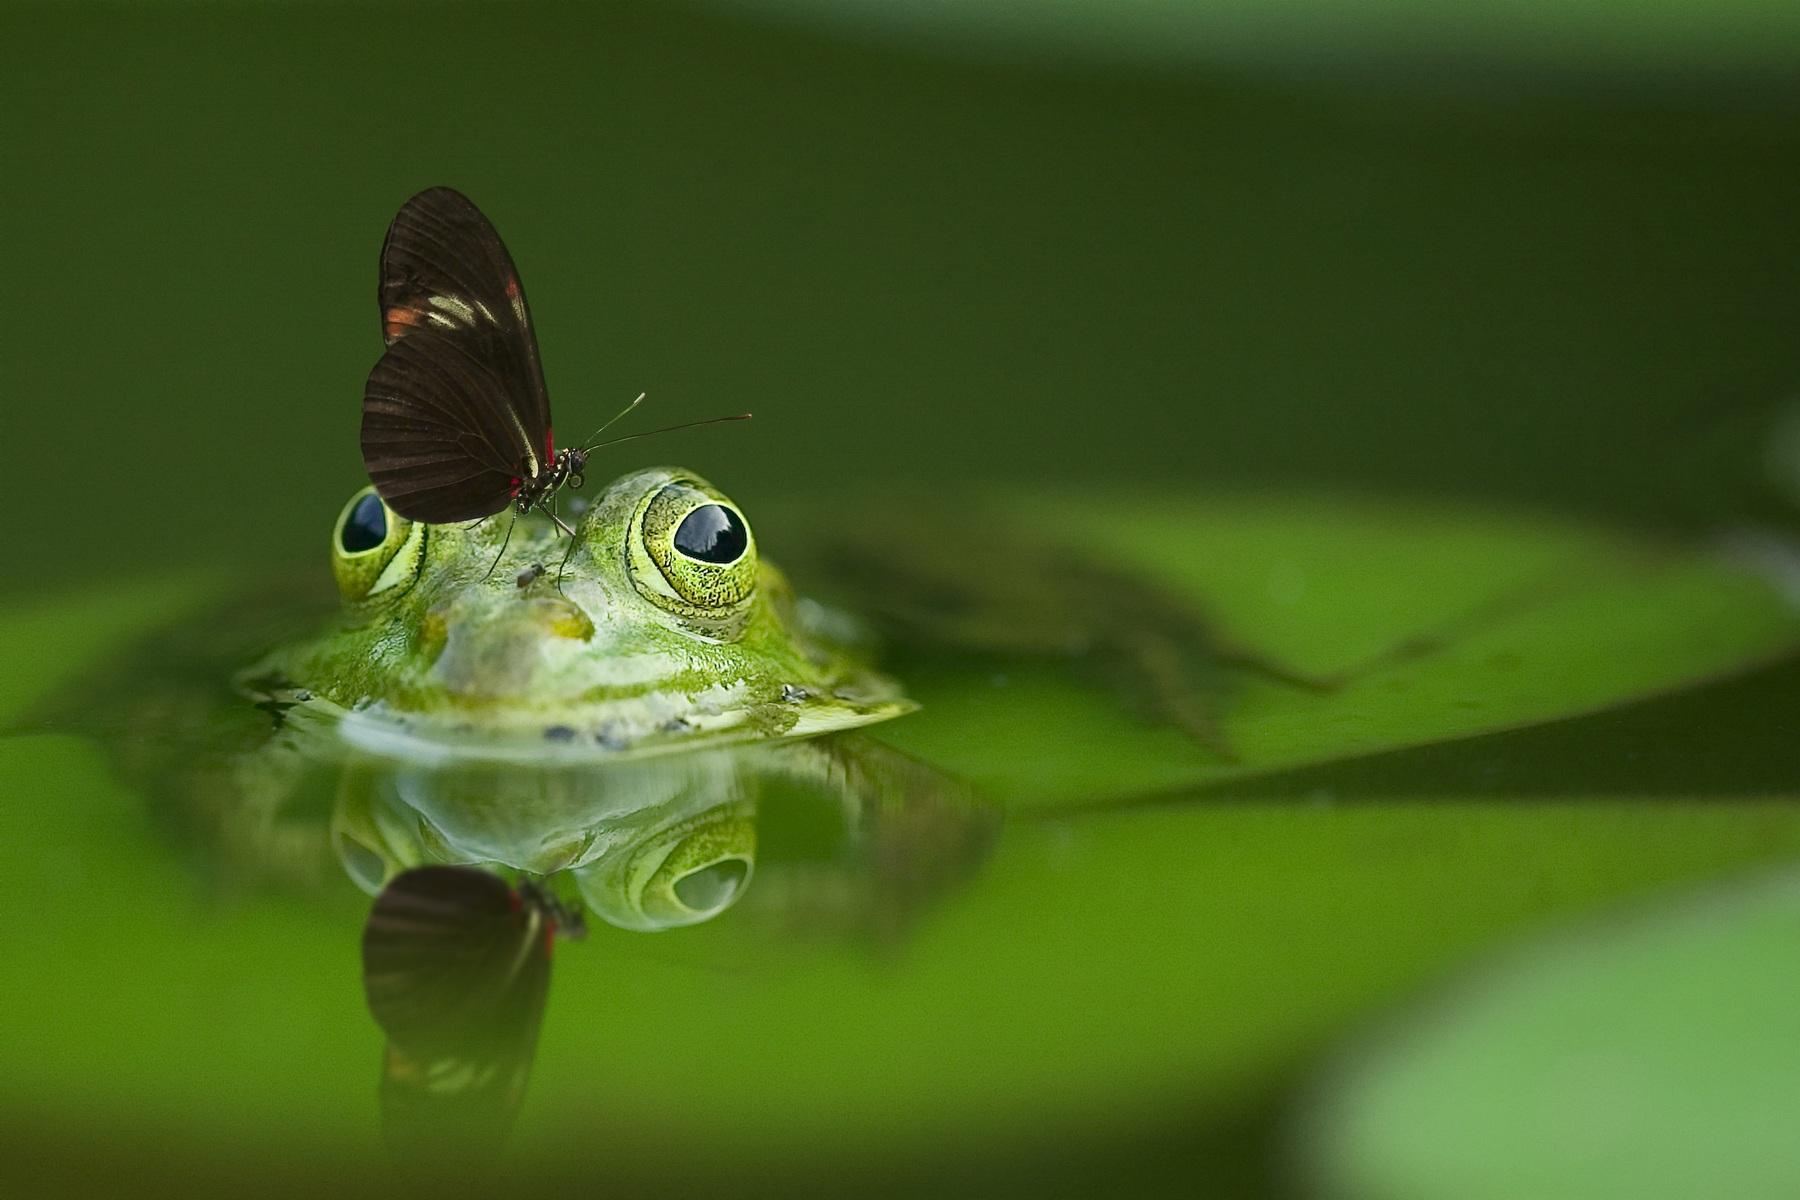 download wallpaper: vlinder landt op een kikker wallpaper